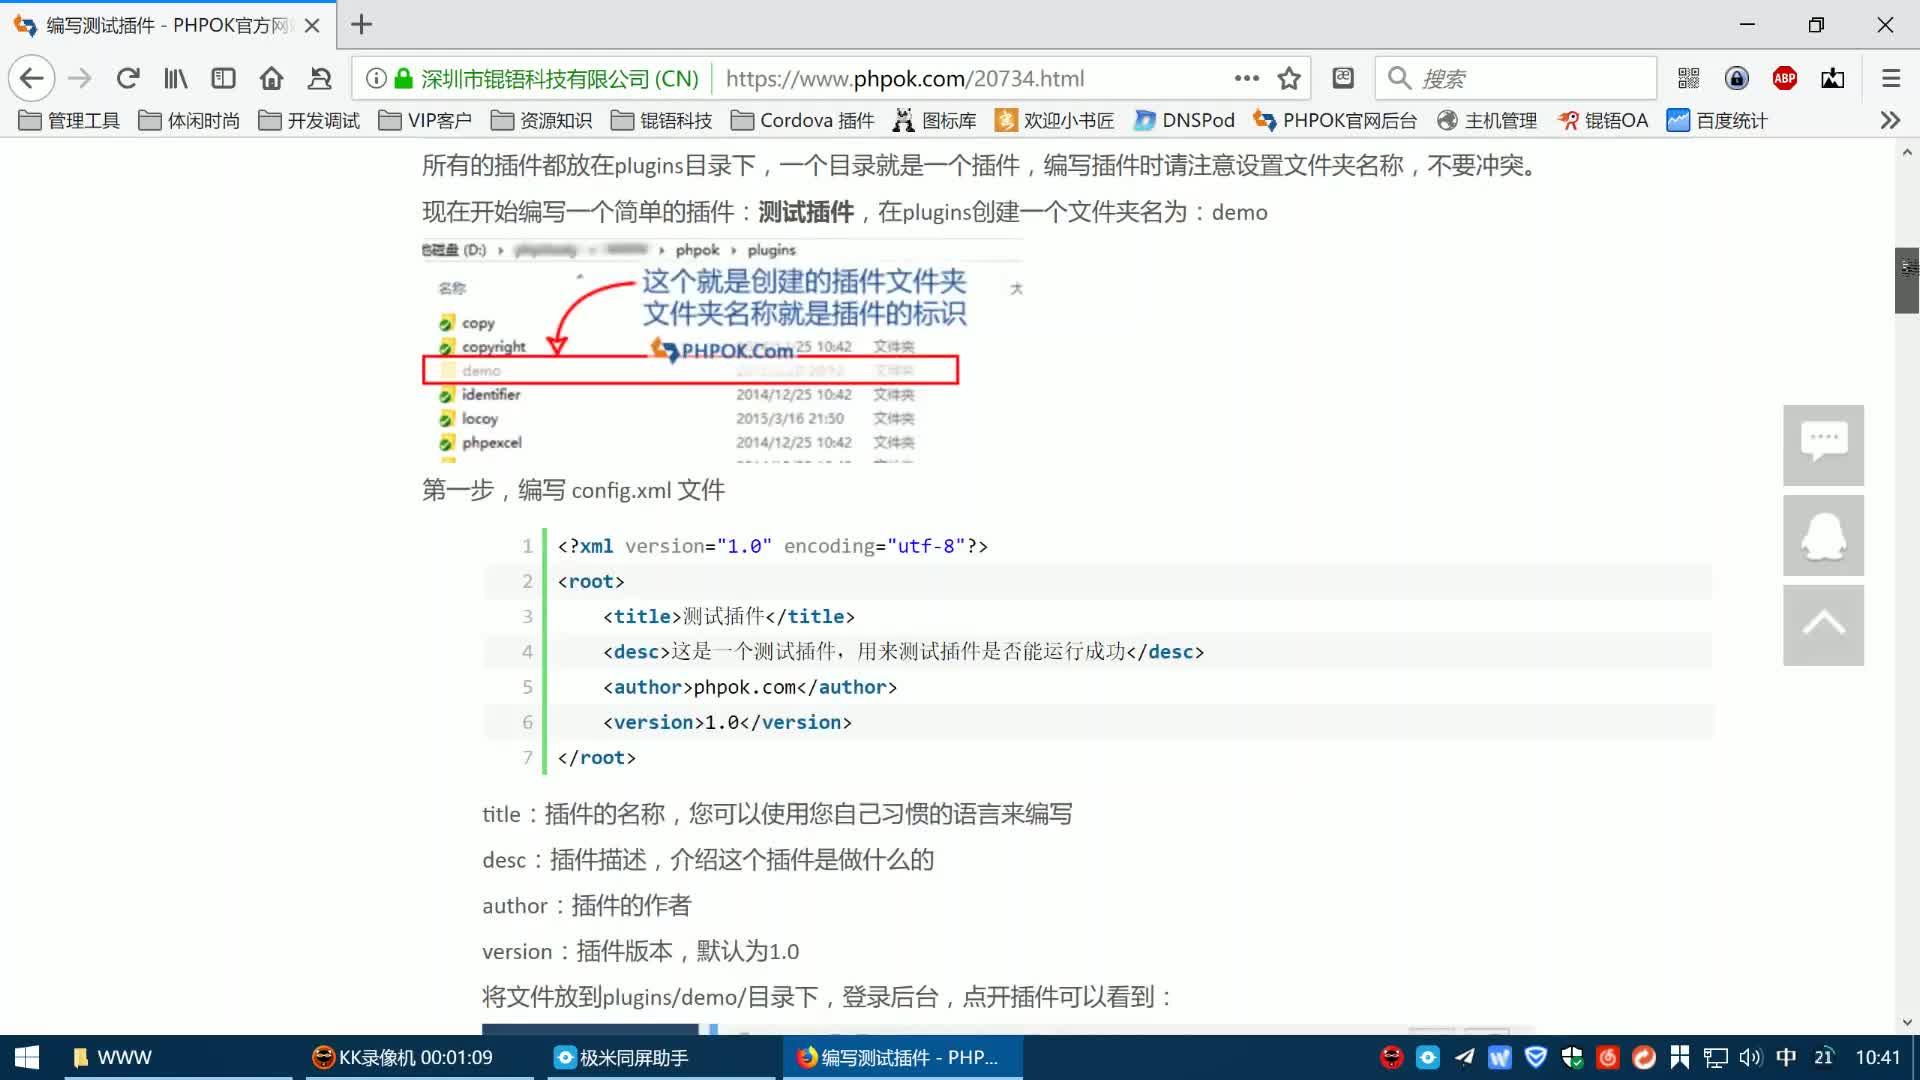 插件开发初级教程